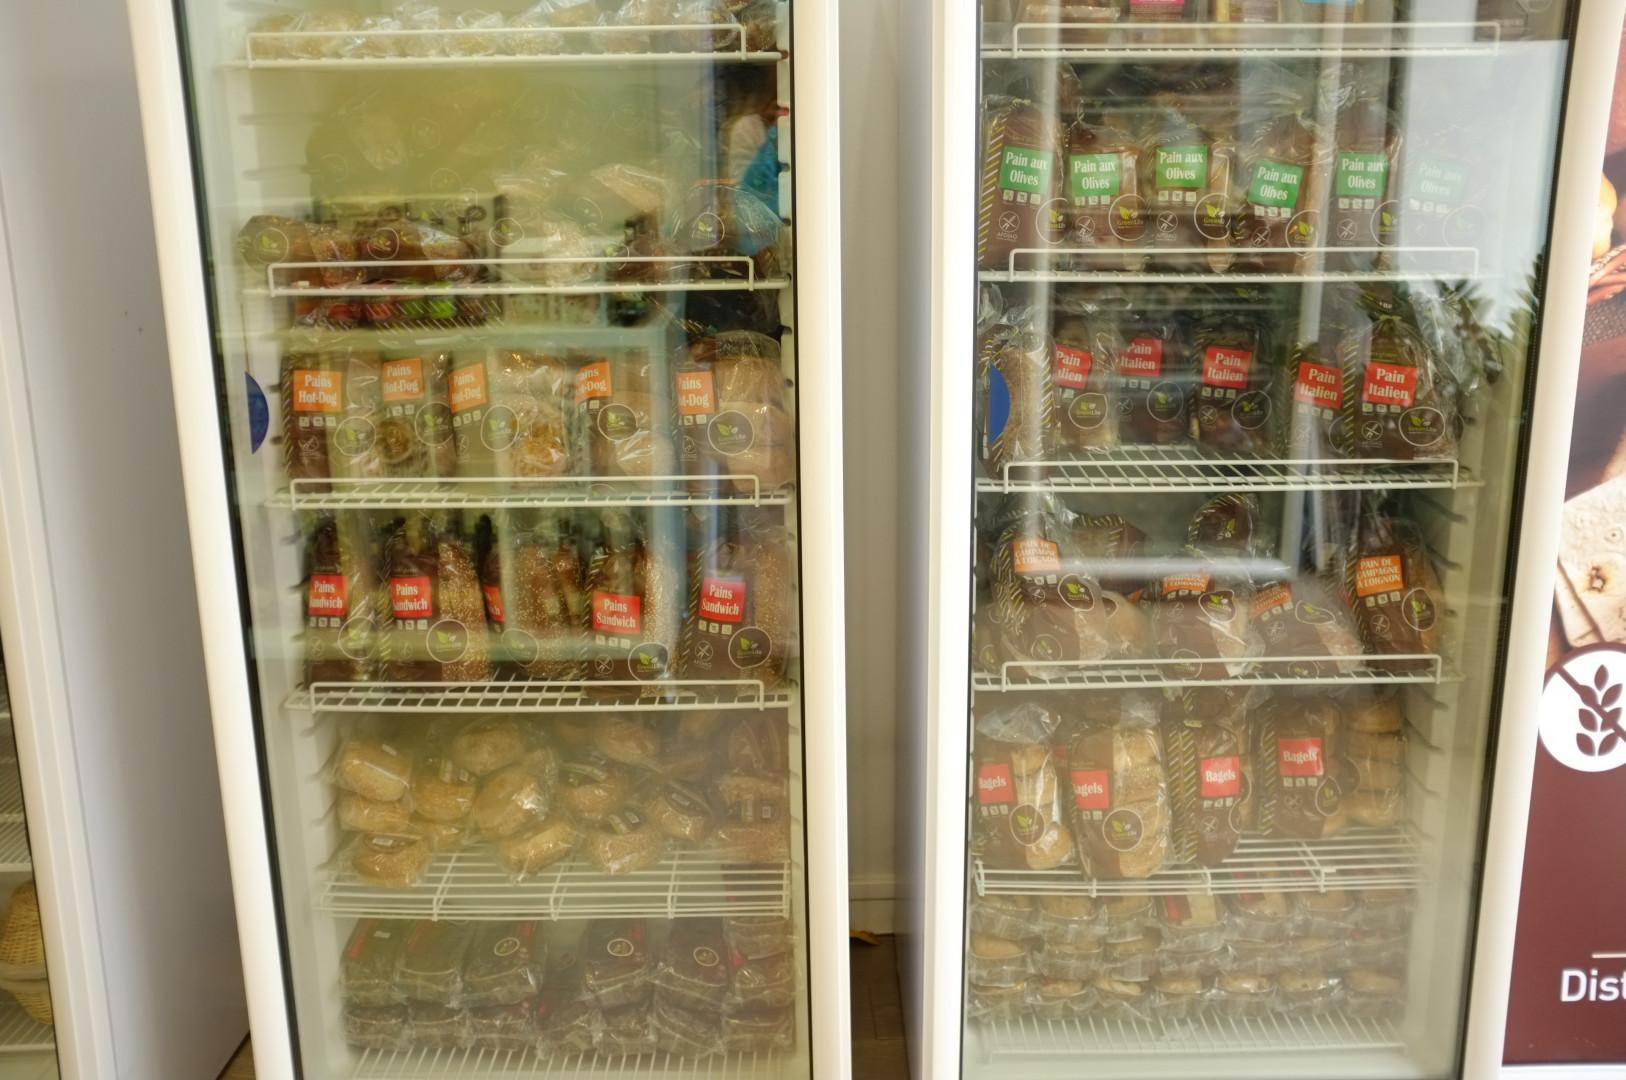 Les congélateurs 100% sans gluten des pains surgelés de La Maison du Sans Gluten